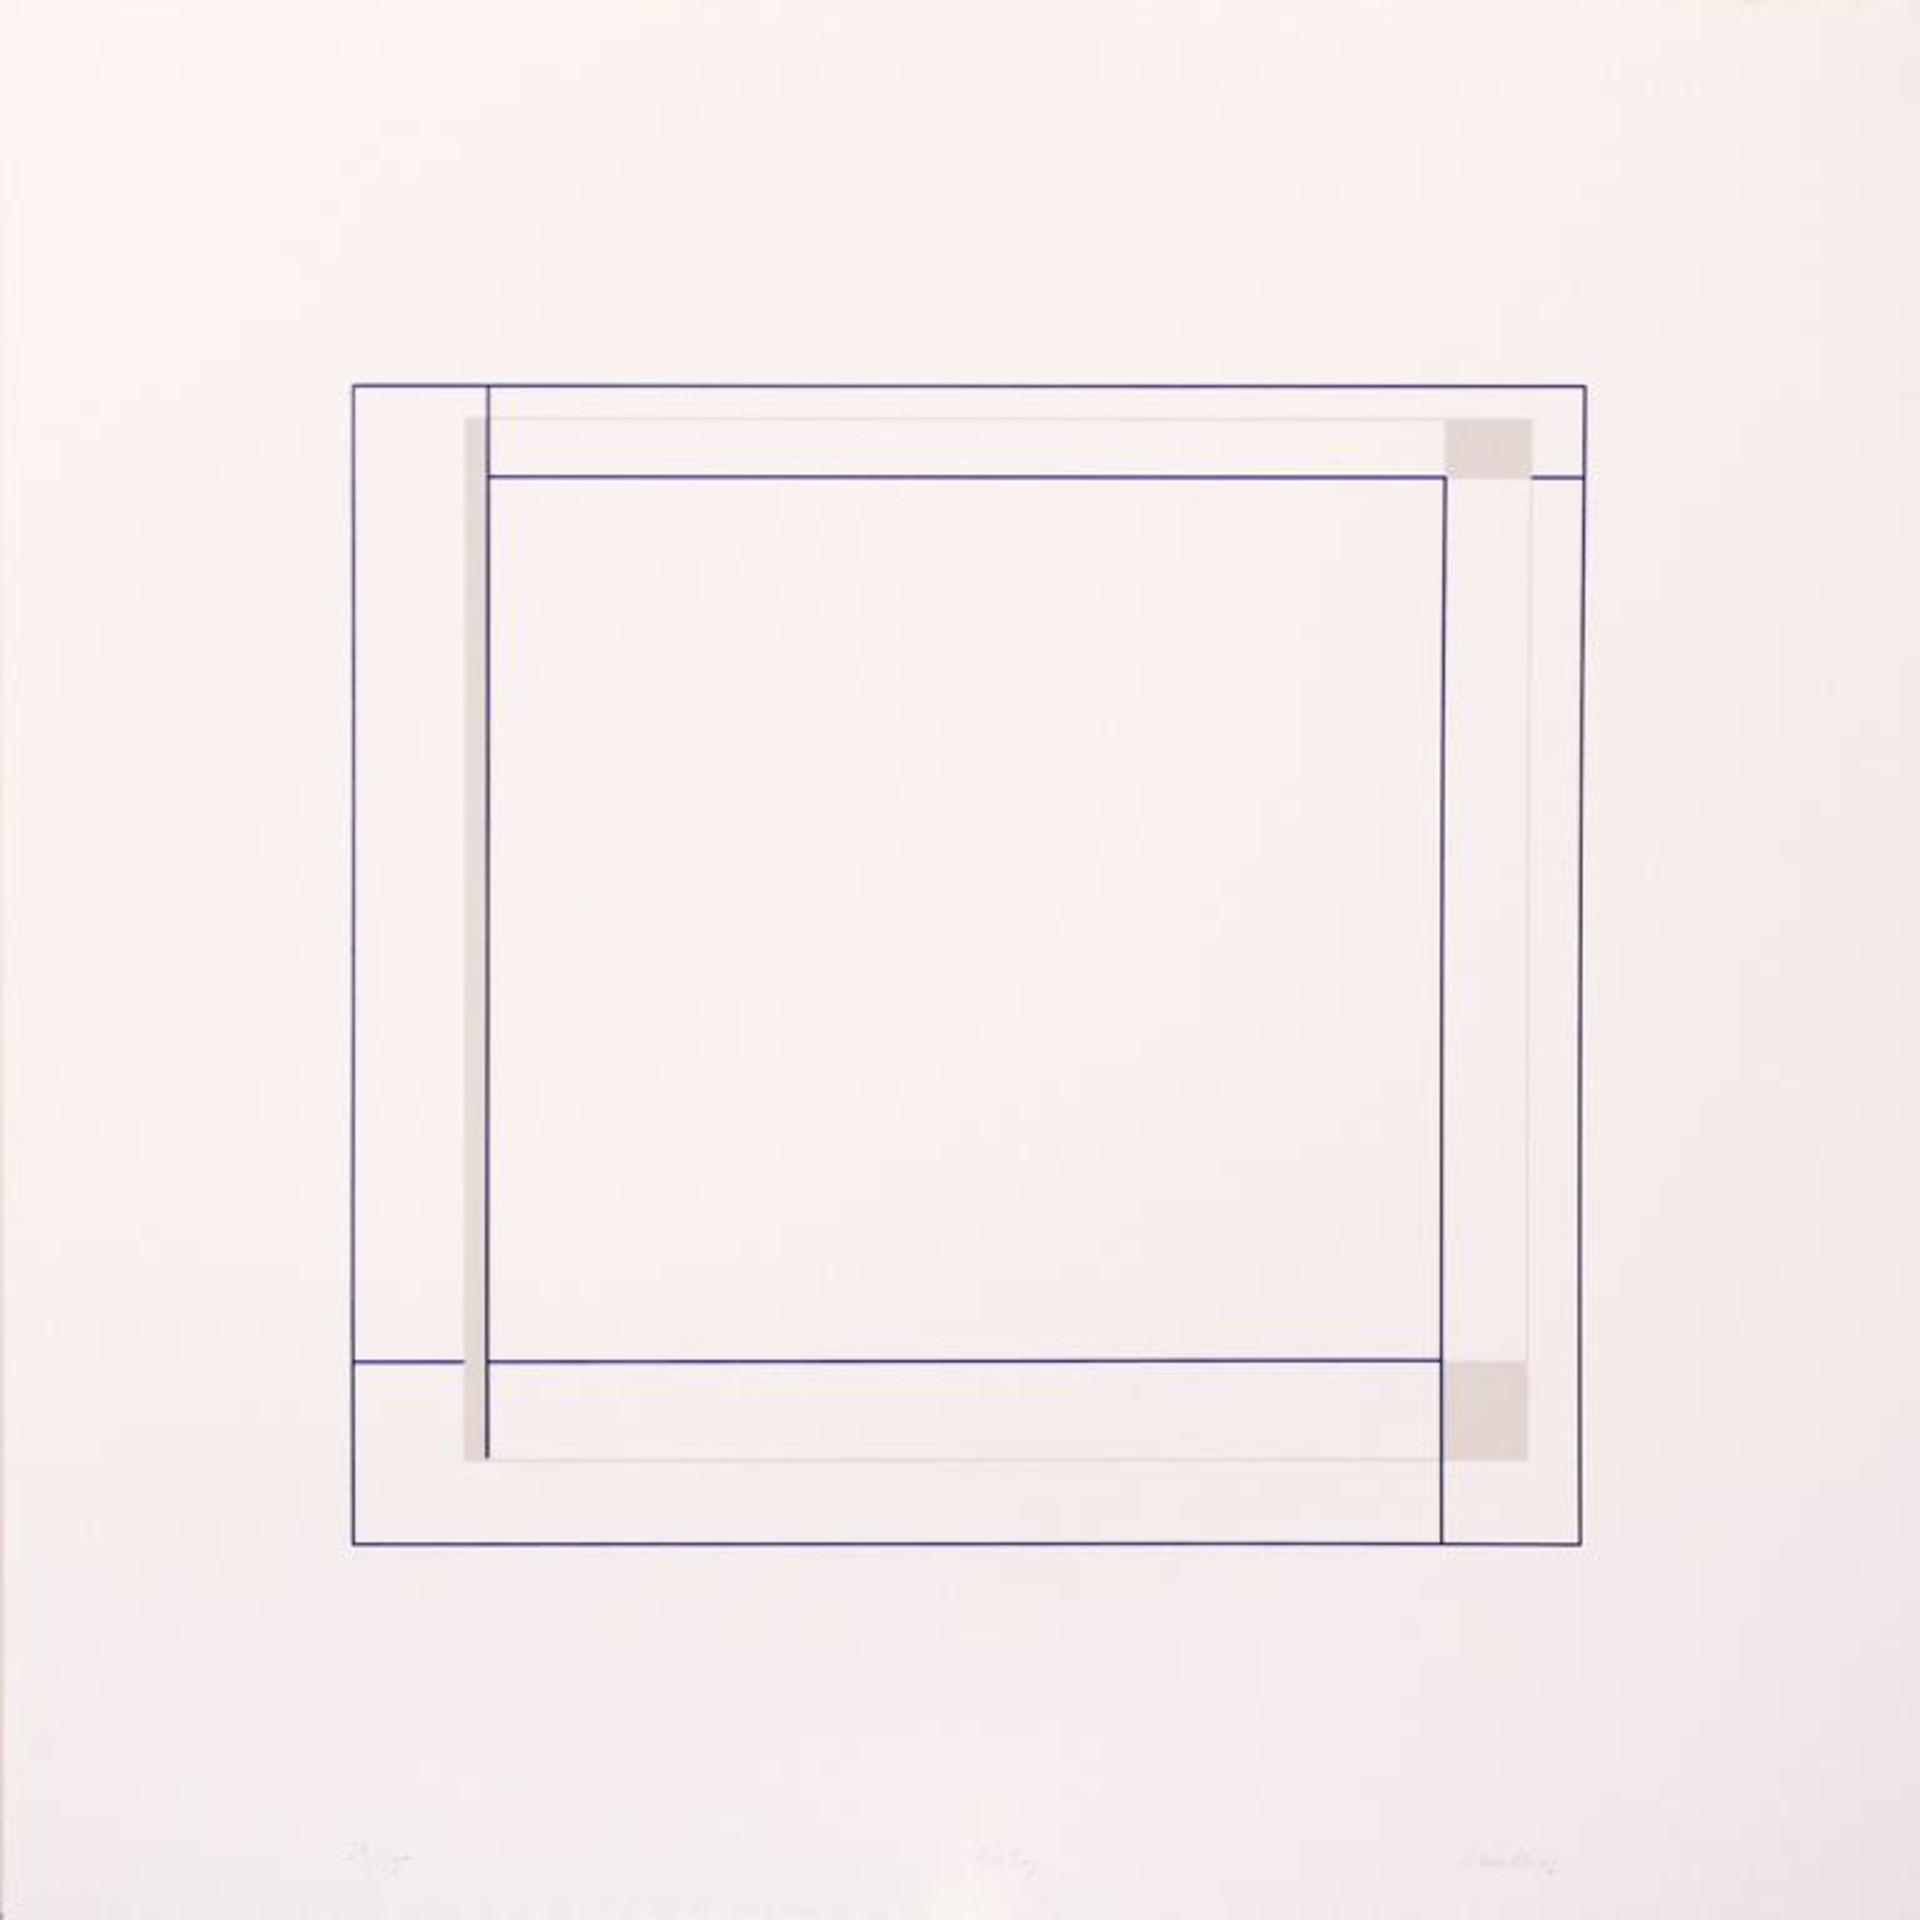 Los 19 - Staudt Klaus (geb. 1932) Dialog 2002 Siebdruck handsigniert, datiert und nummeriert 24/55 60 x 60